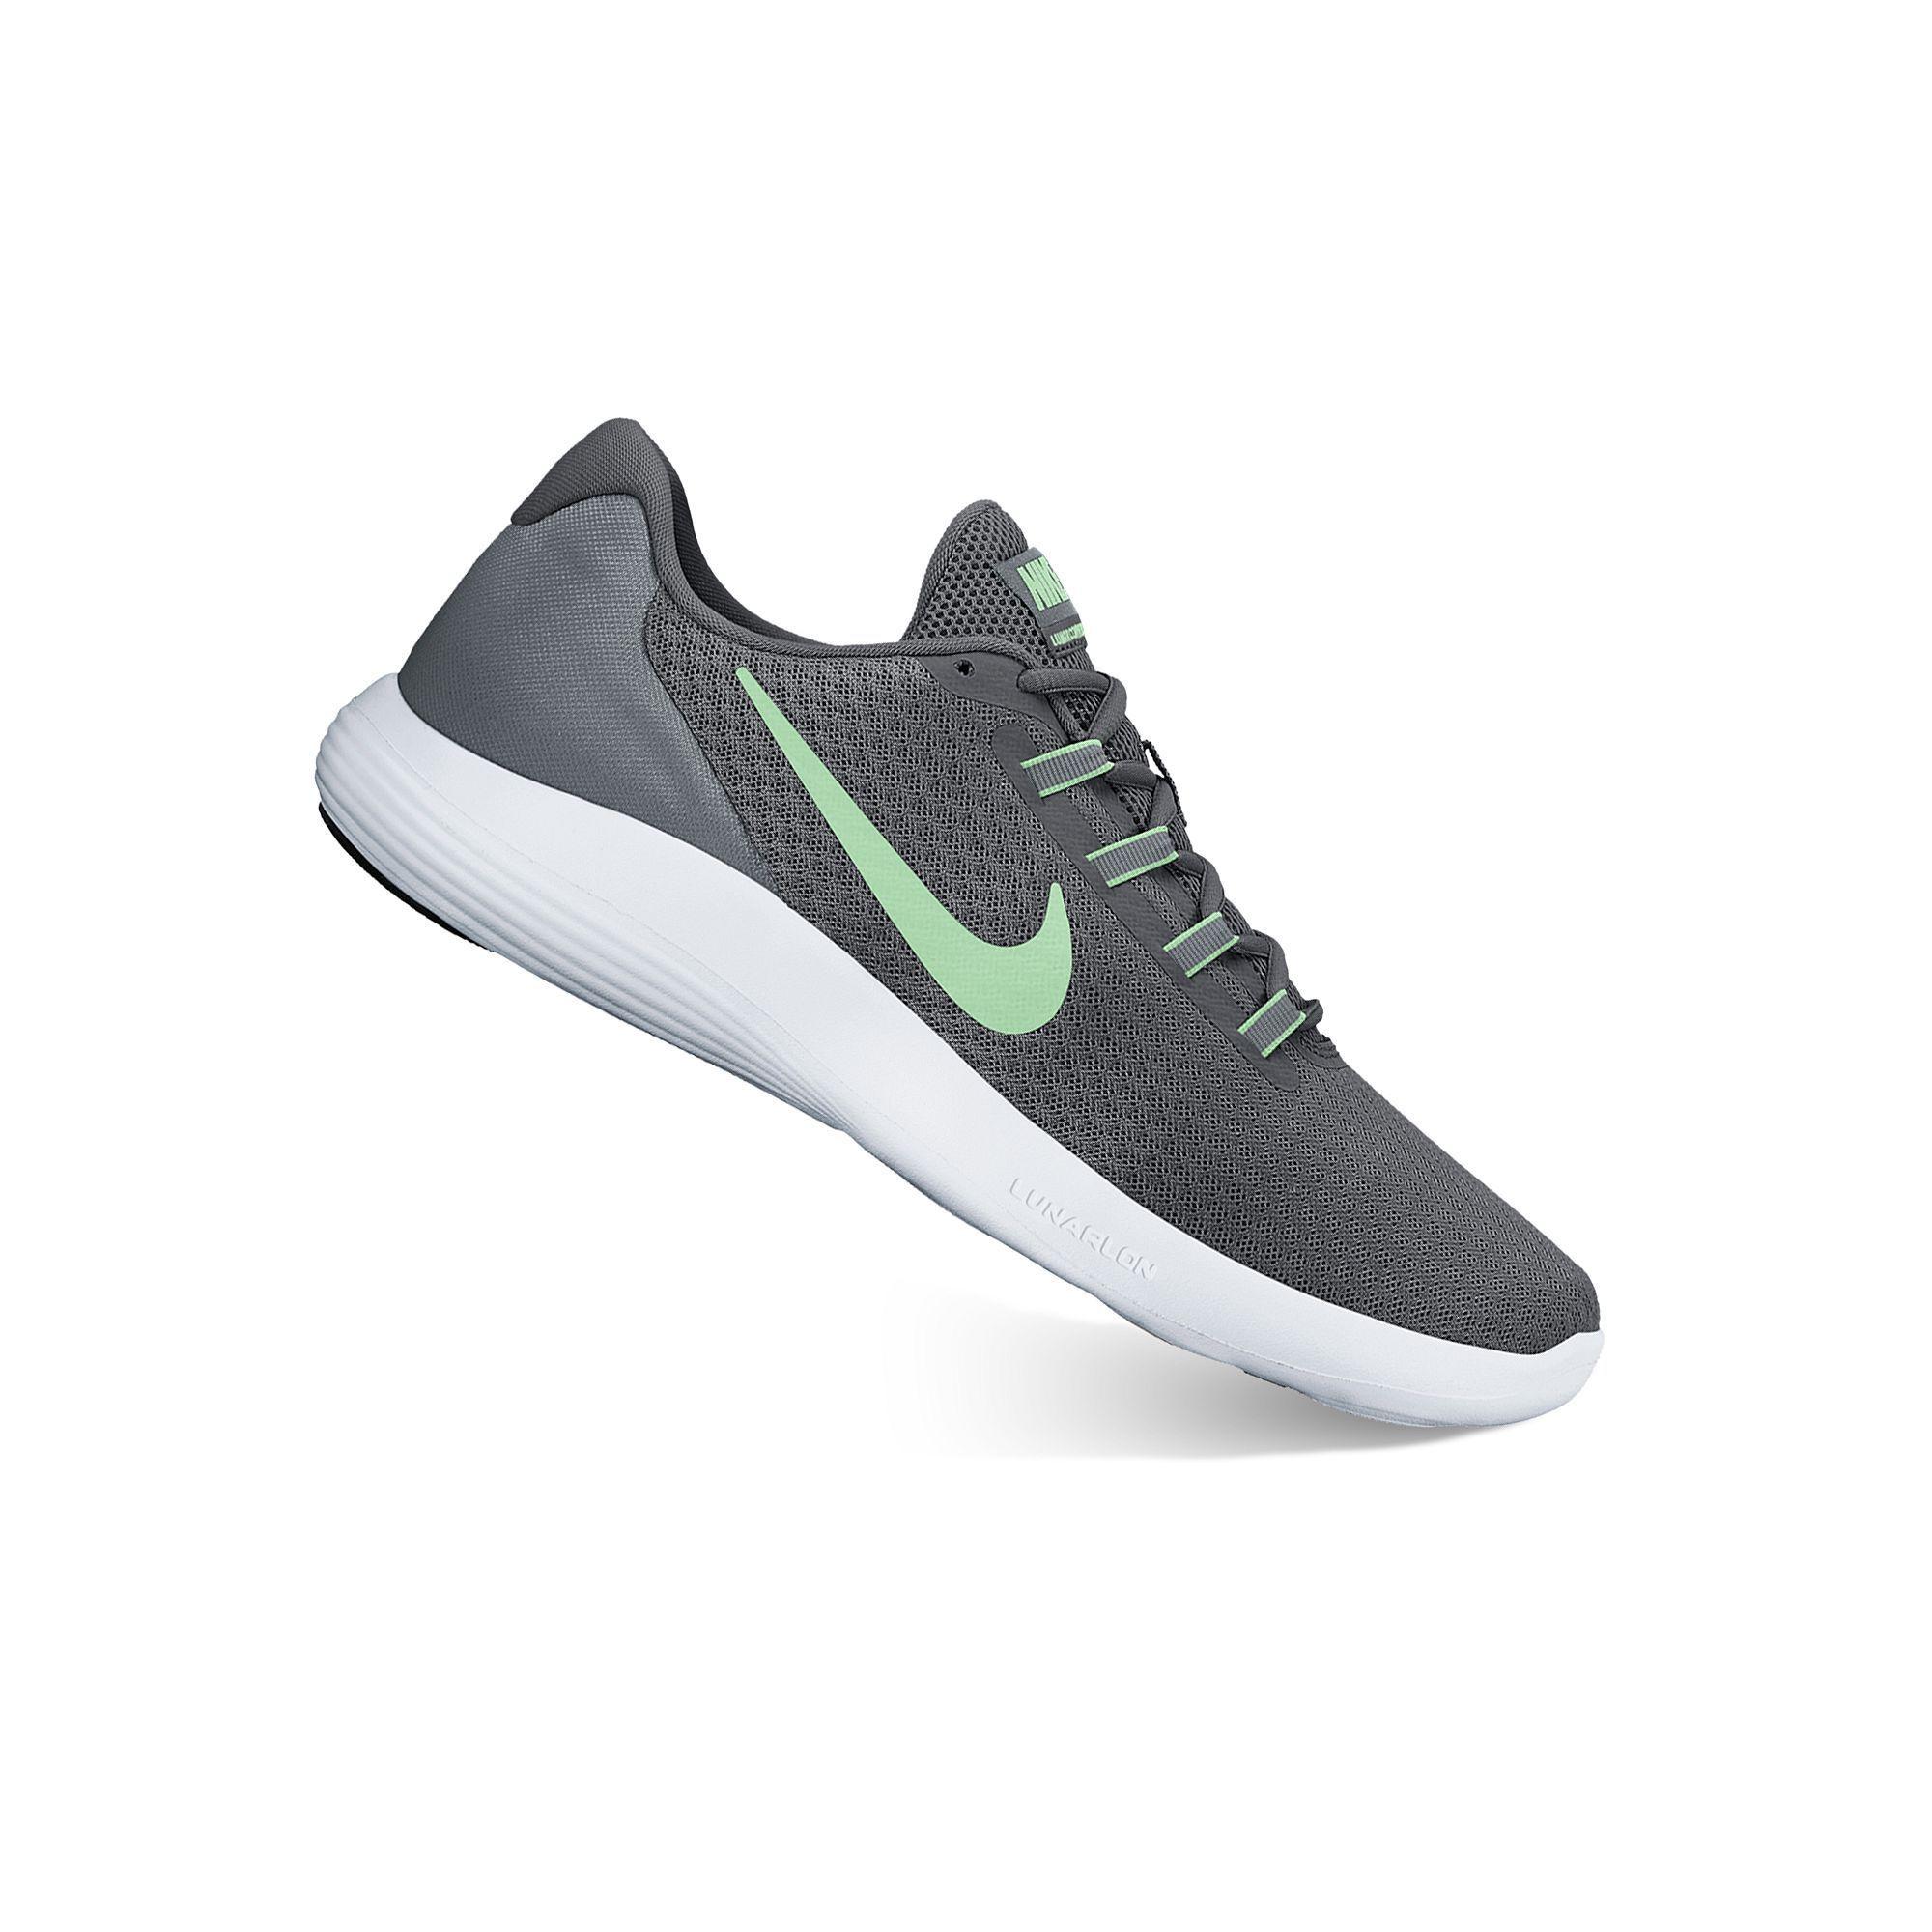 Nike LunarConverge Women s Running Shoes e4499bdcac8